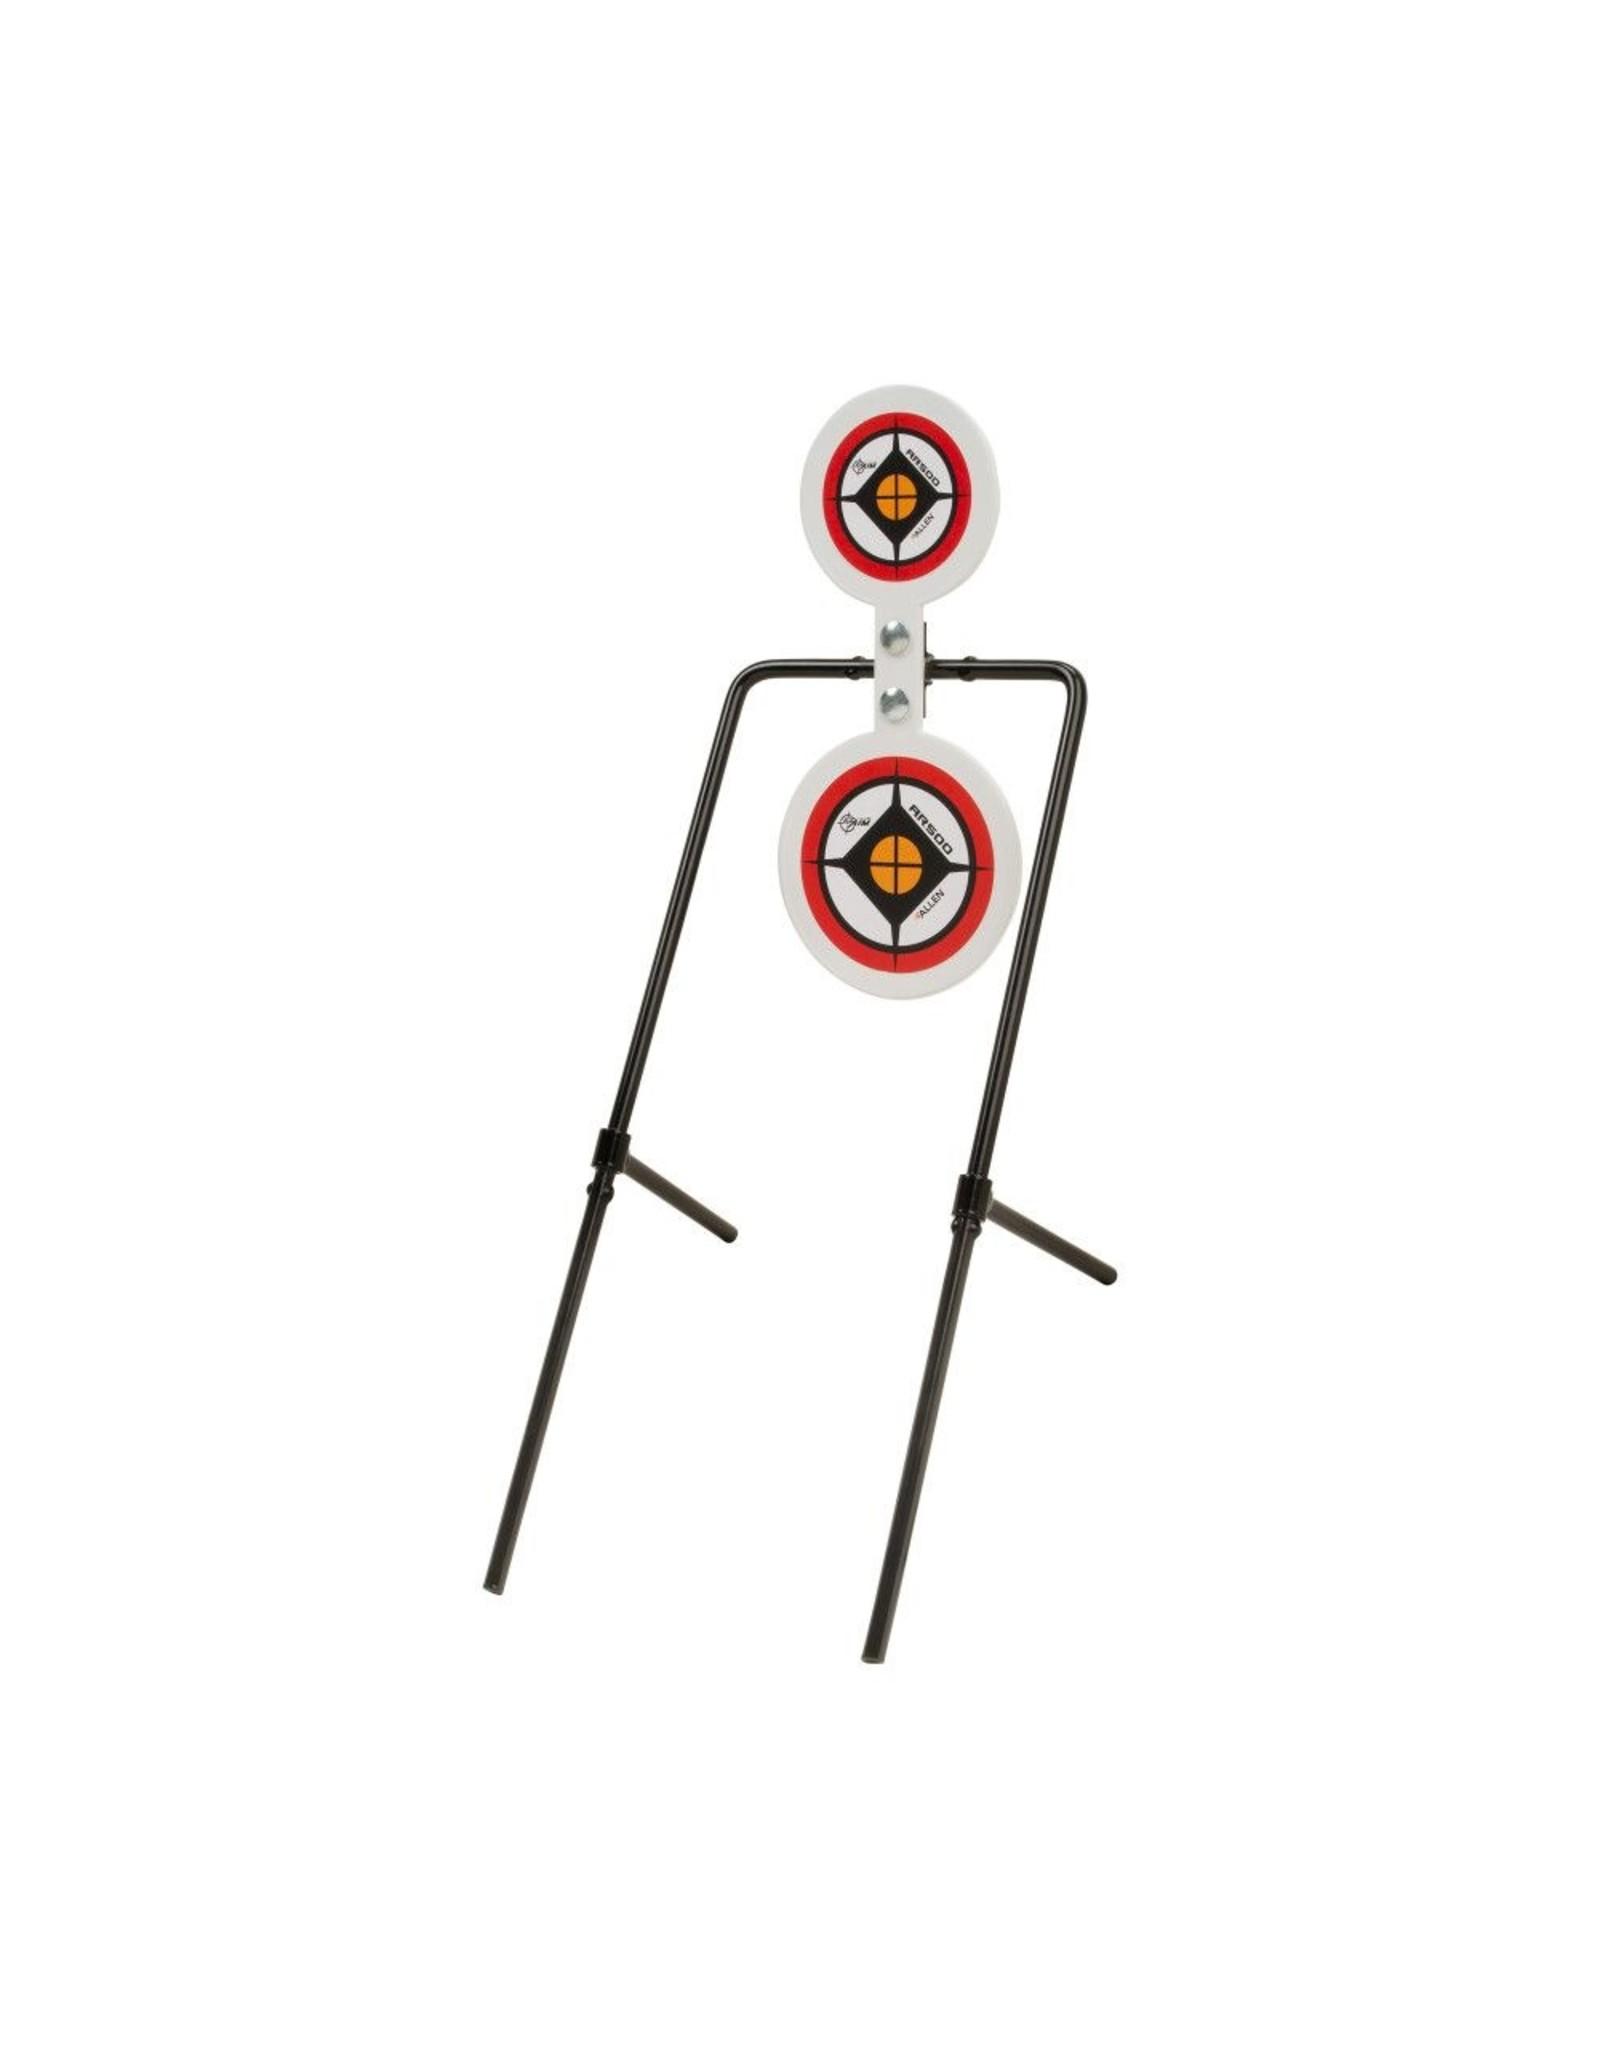 Allen Allen EZ-Aim Hardrock AR500 Centerfire Spinner Target